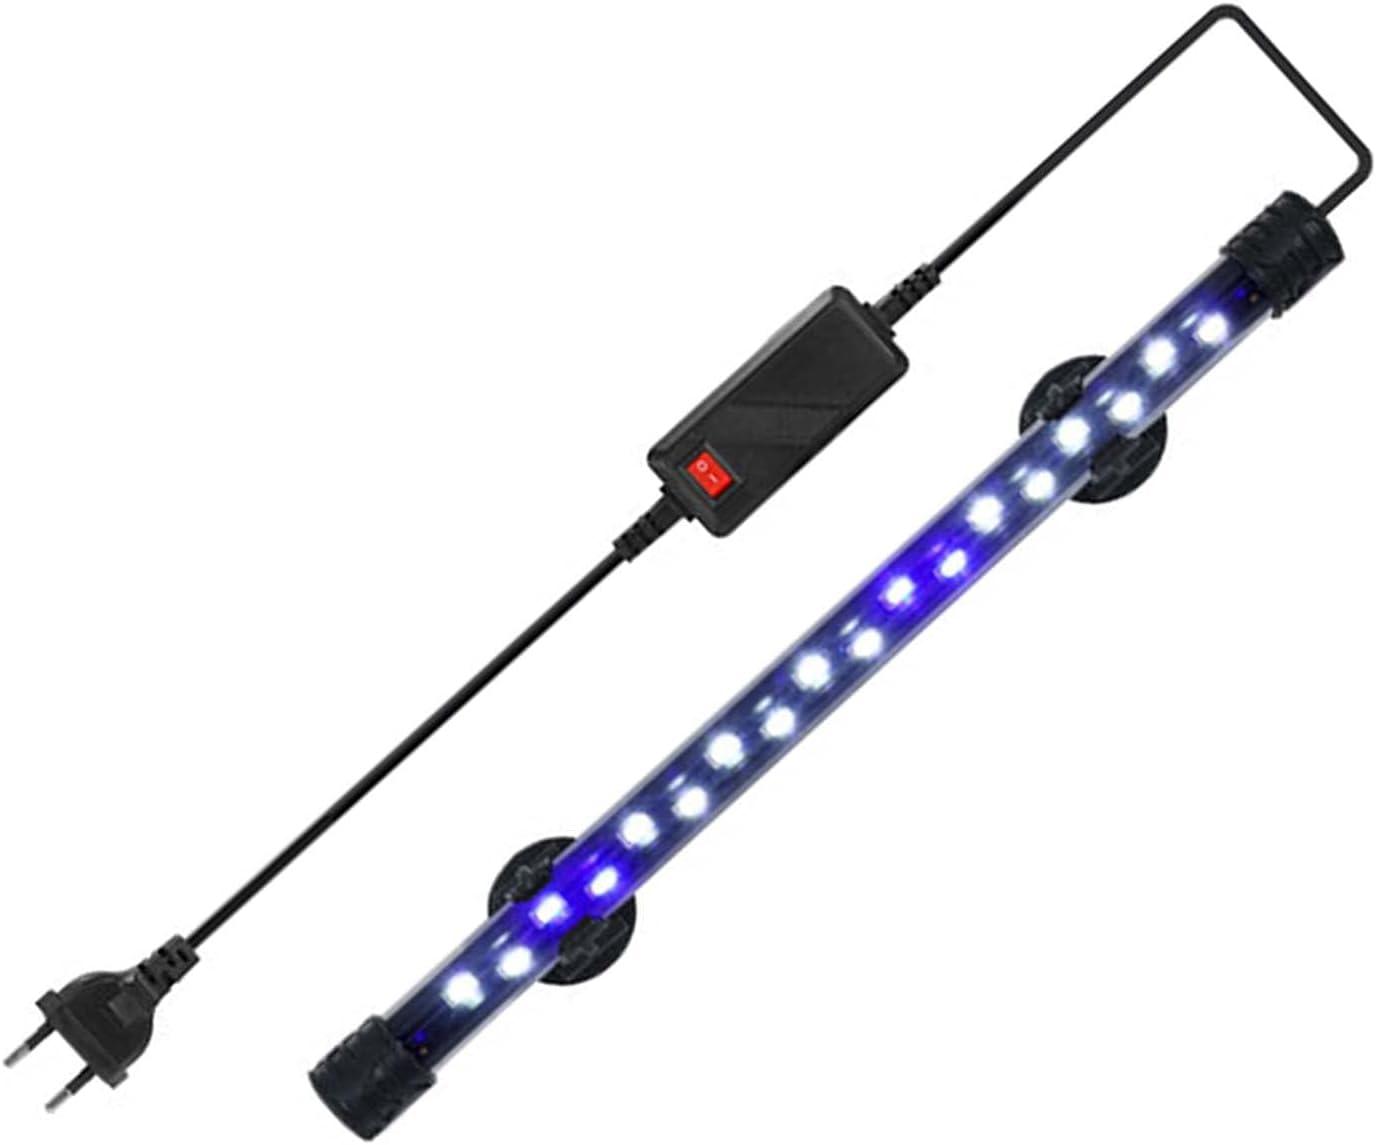 Sunshin Luce per Acquario LED Luce per Acquario Luci sommergibili Luce Subacquea